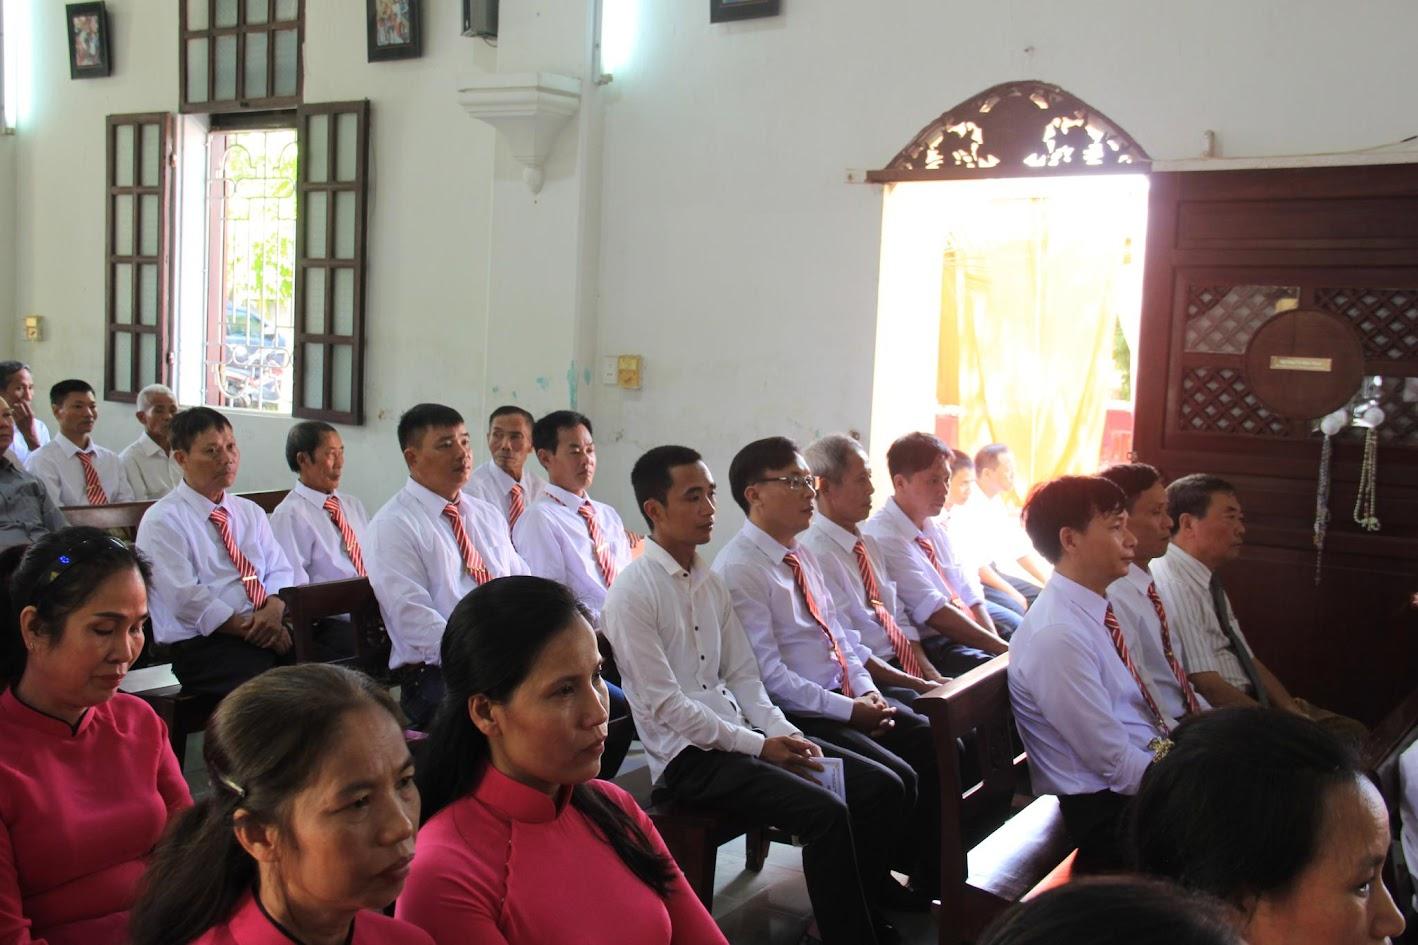 Giáo xứ Ngạn Sơn: Thánh lễ Bổn mạng và Làm phép Nhà mới - Ảnh minh hoạ 22